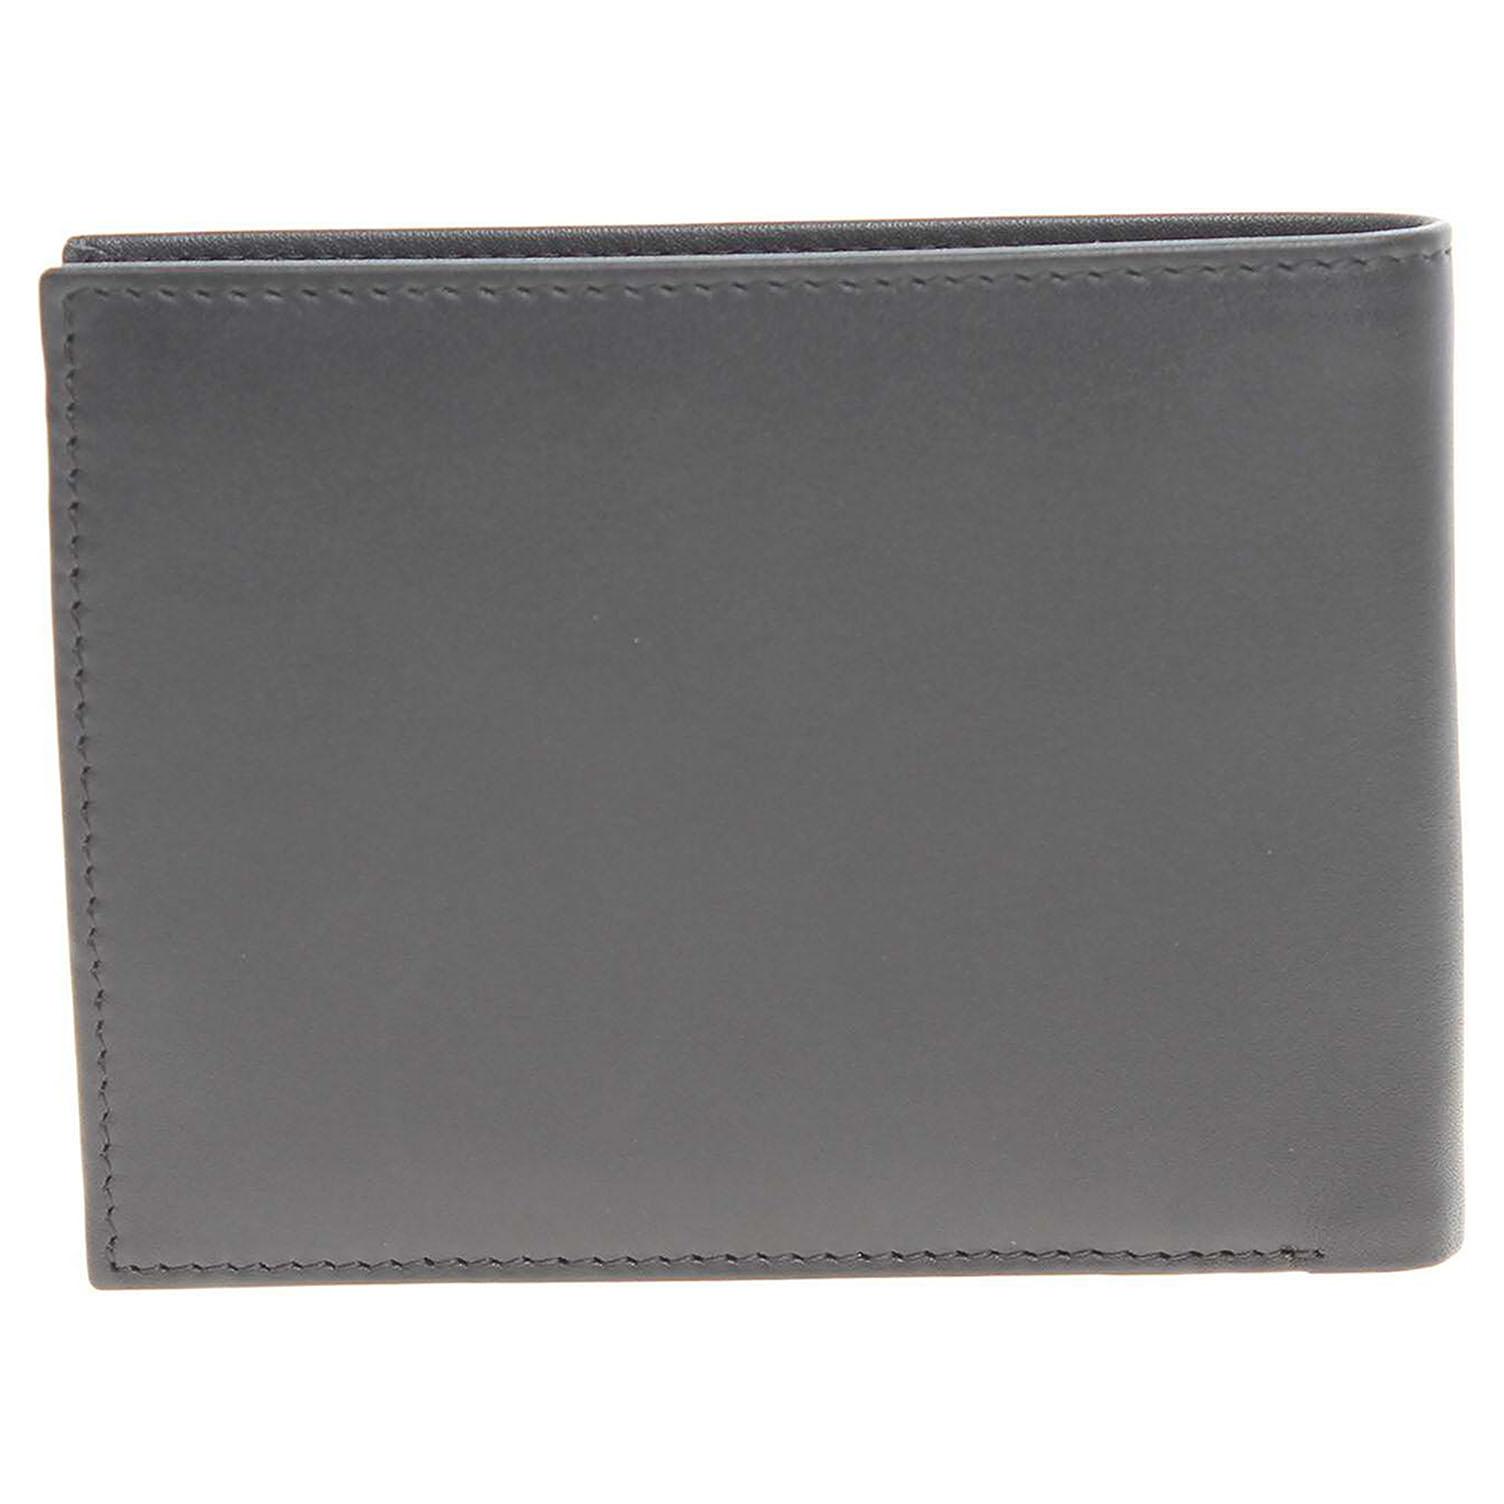 Tommy Hilfiger pánská peněženka AM0AM00652 černá AM0AM00652 1